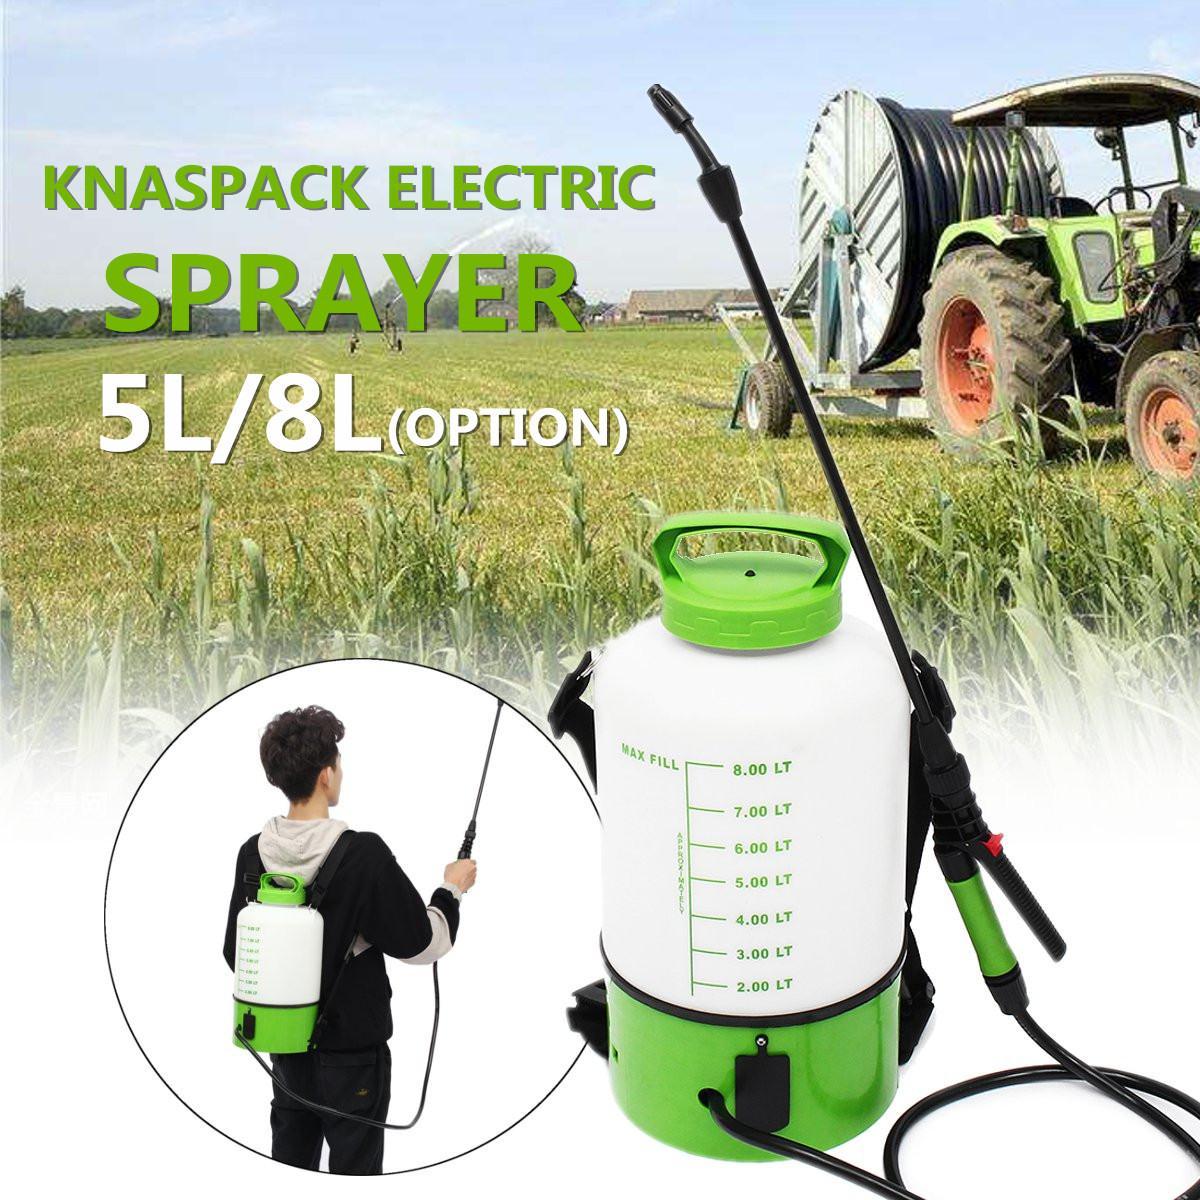 Фермерских хозяйствах, распылитель ранцевого типа для с Электрический моторный опрыскиватель спринклерной туман Duster, опрыскивание, полив раз брызги машинный насос инструменты для орошения 5/8L